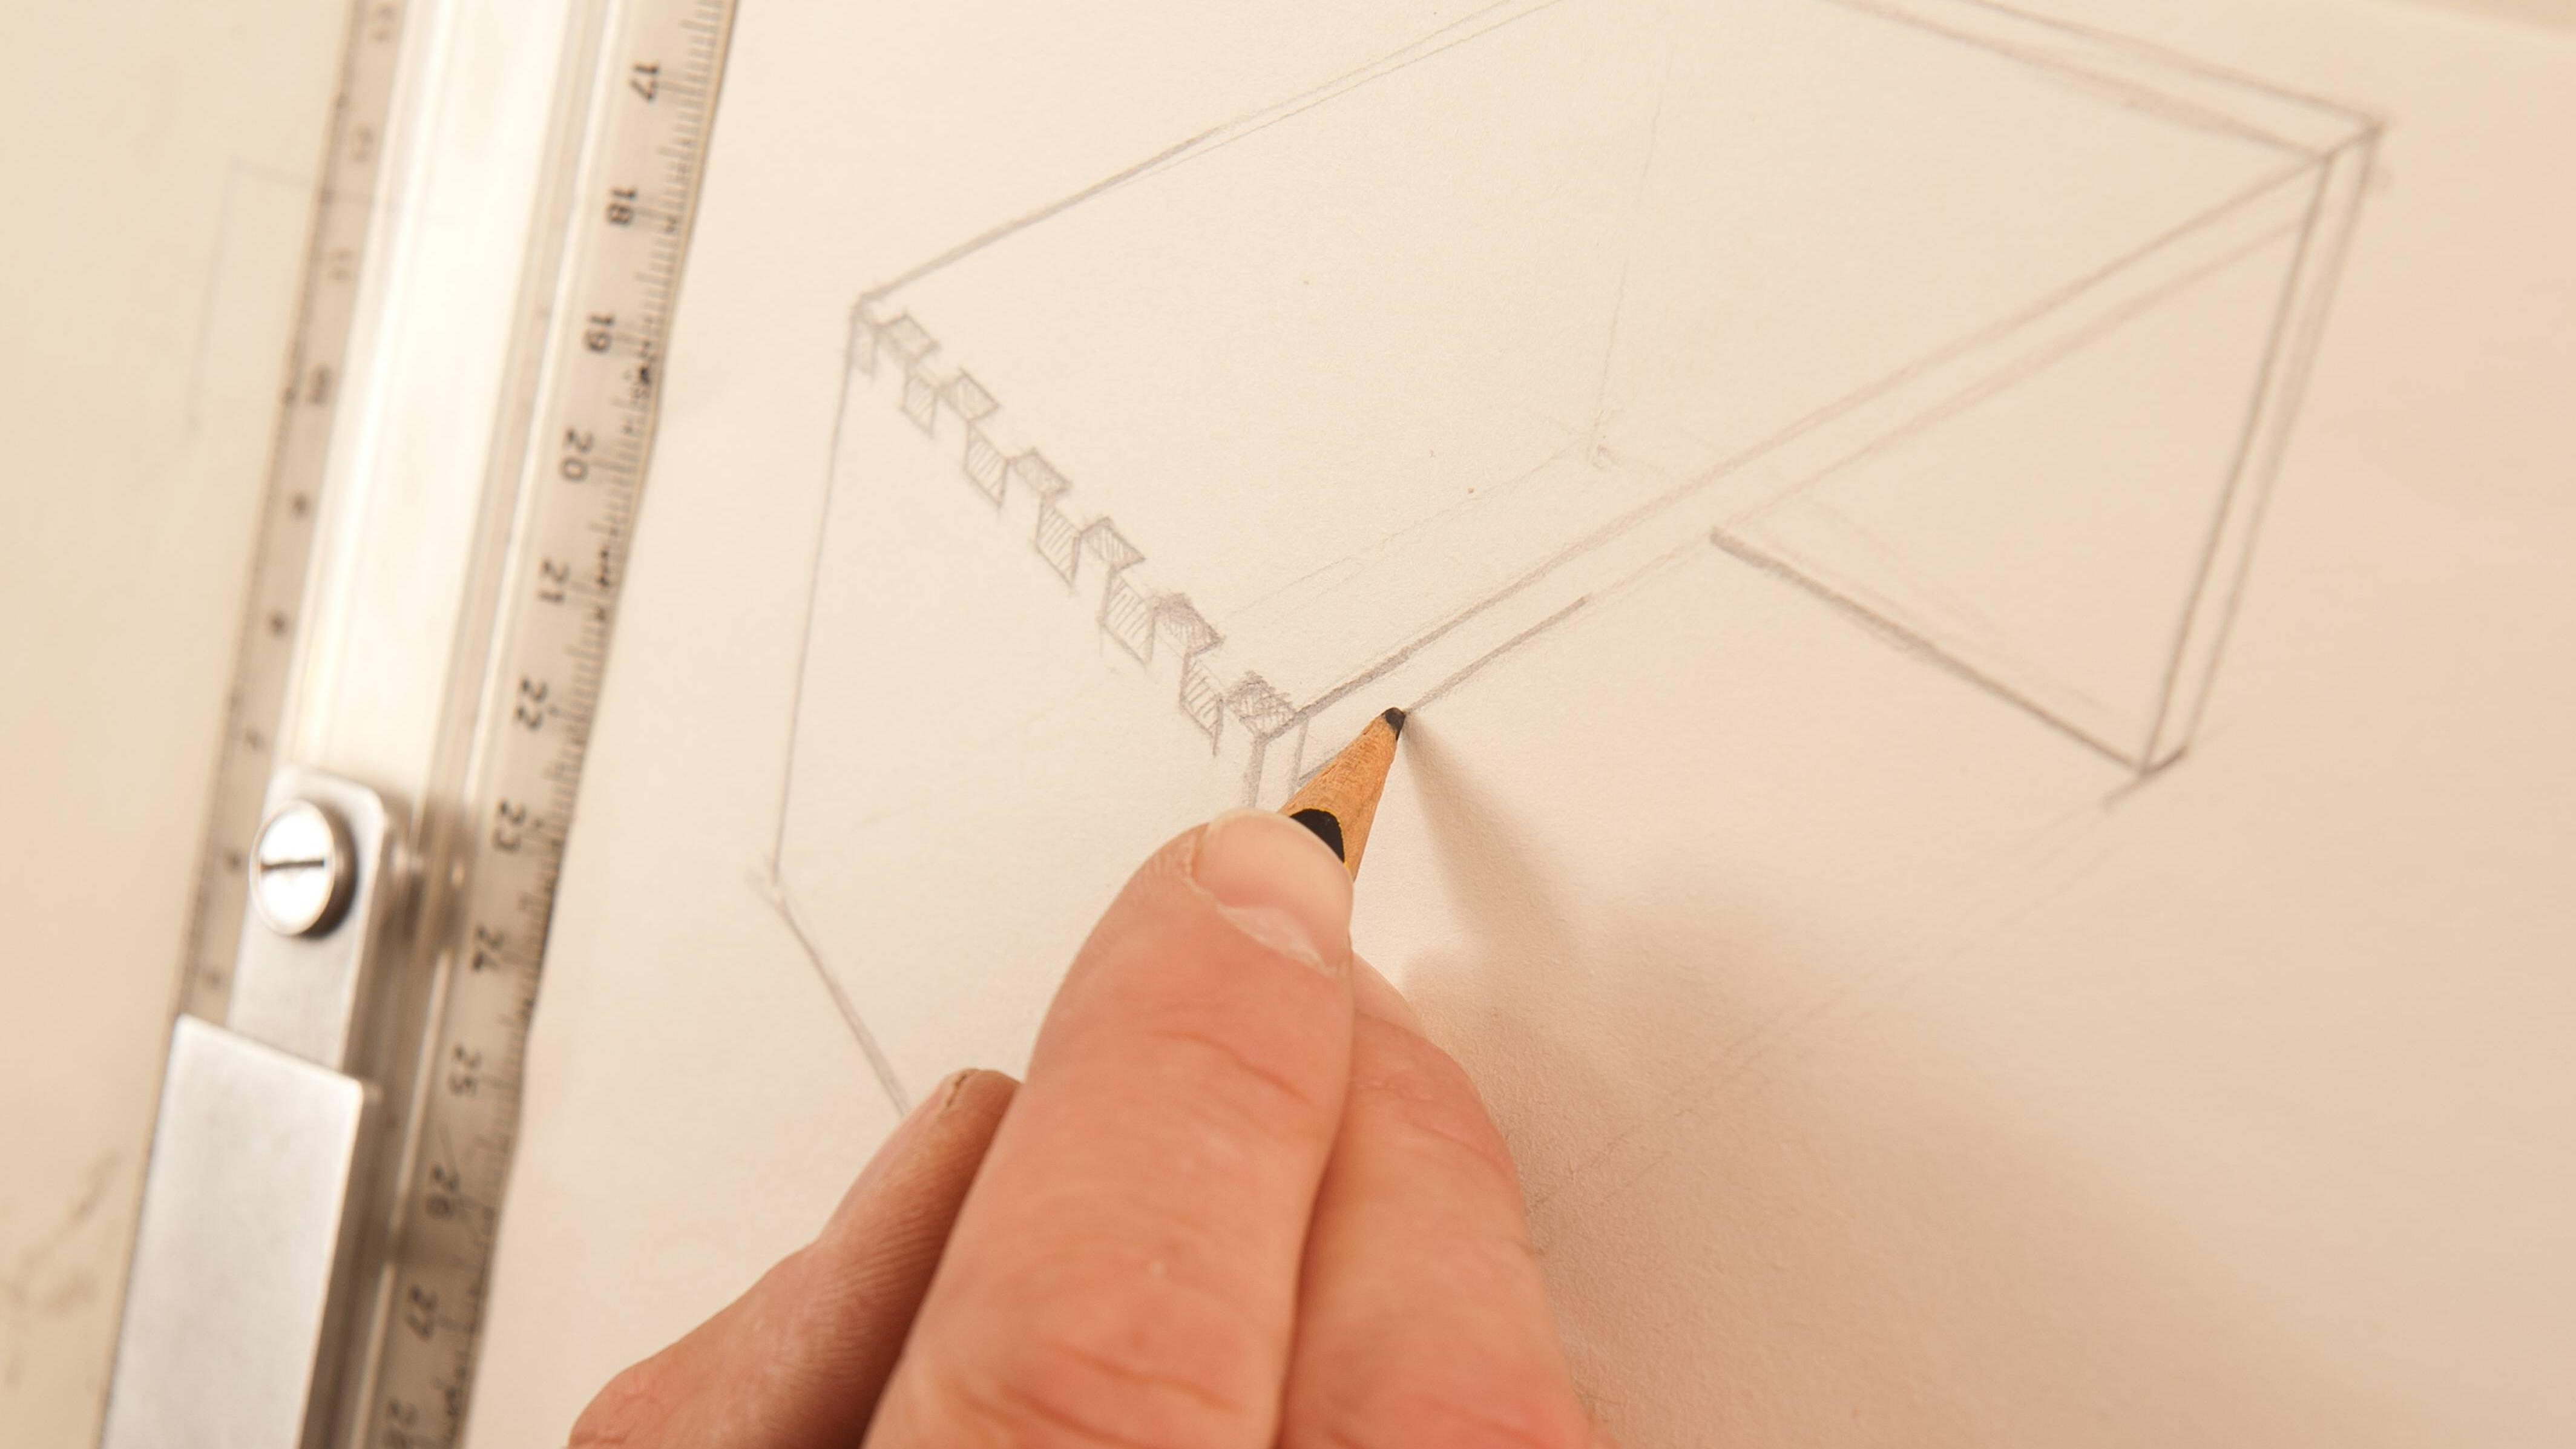 Möbel zeichnen: Mit diesen kostenlosen Programmen klappt's